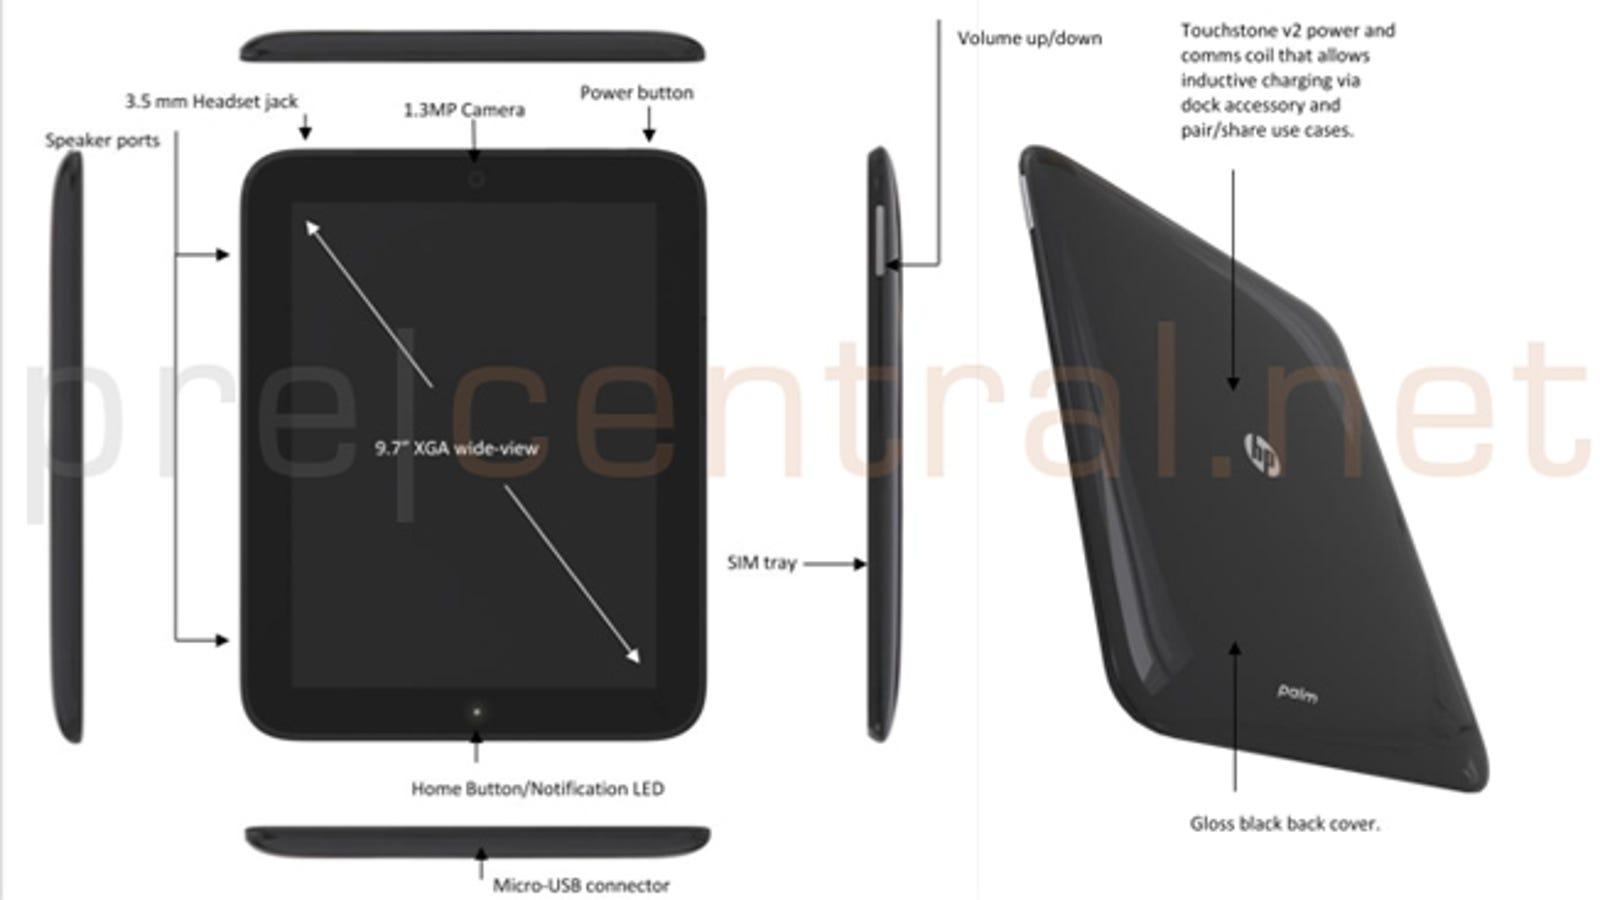 Groovy Leak Full Specs For Hps 9 7 Topaz Webos Tablet Download Free Architecture Designs Rallybritishbridgeorg